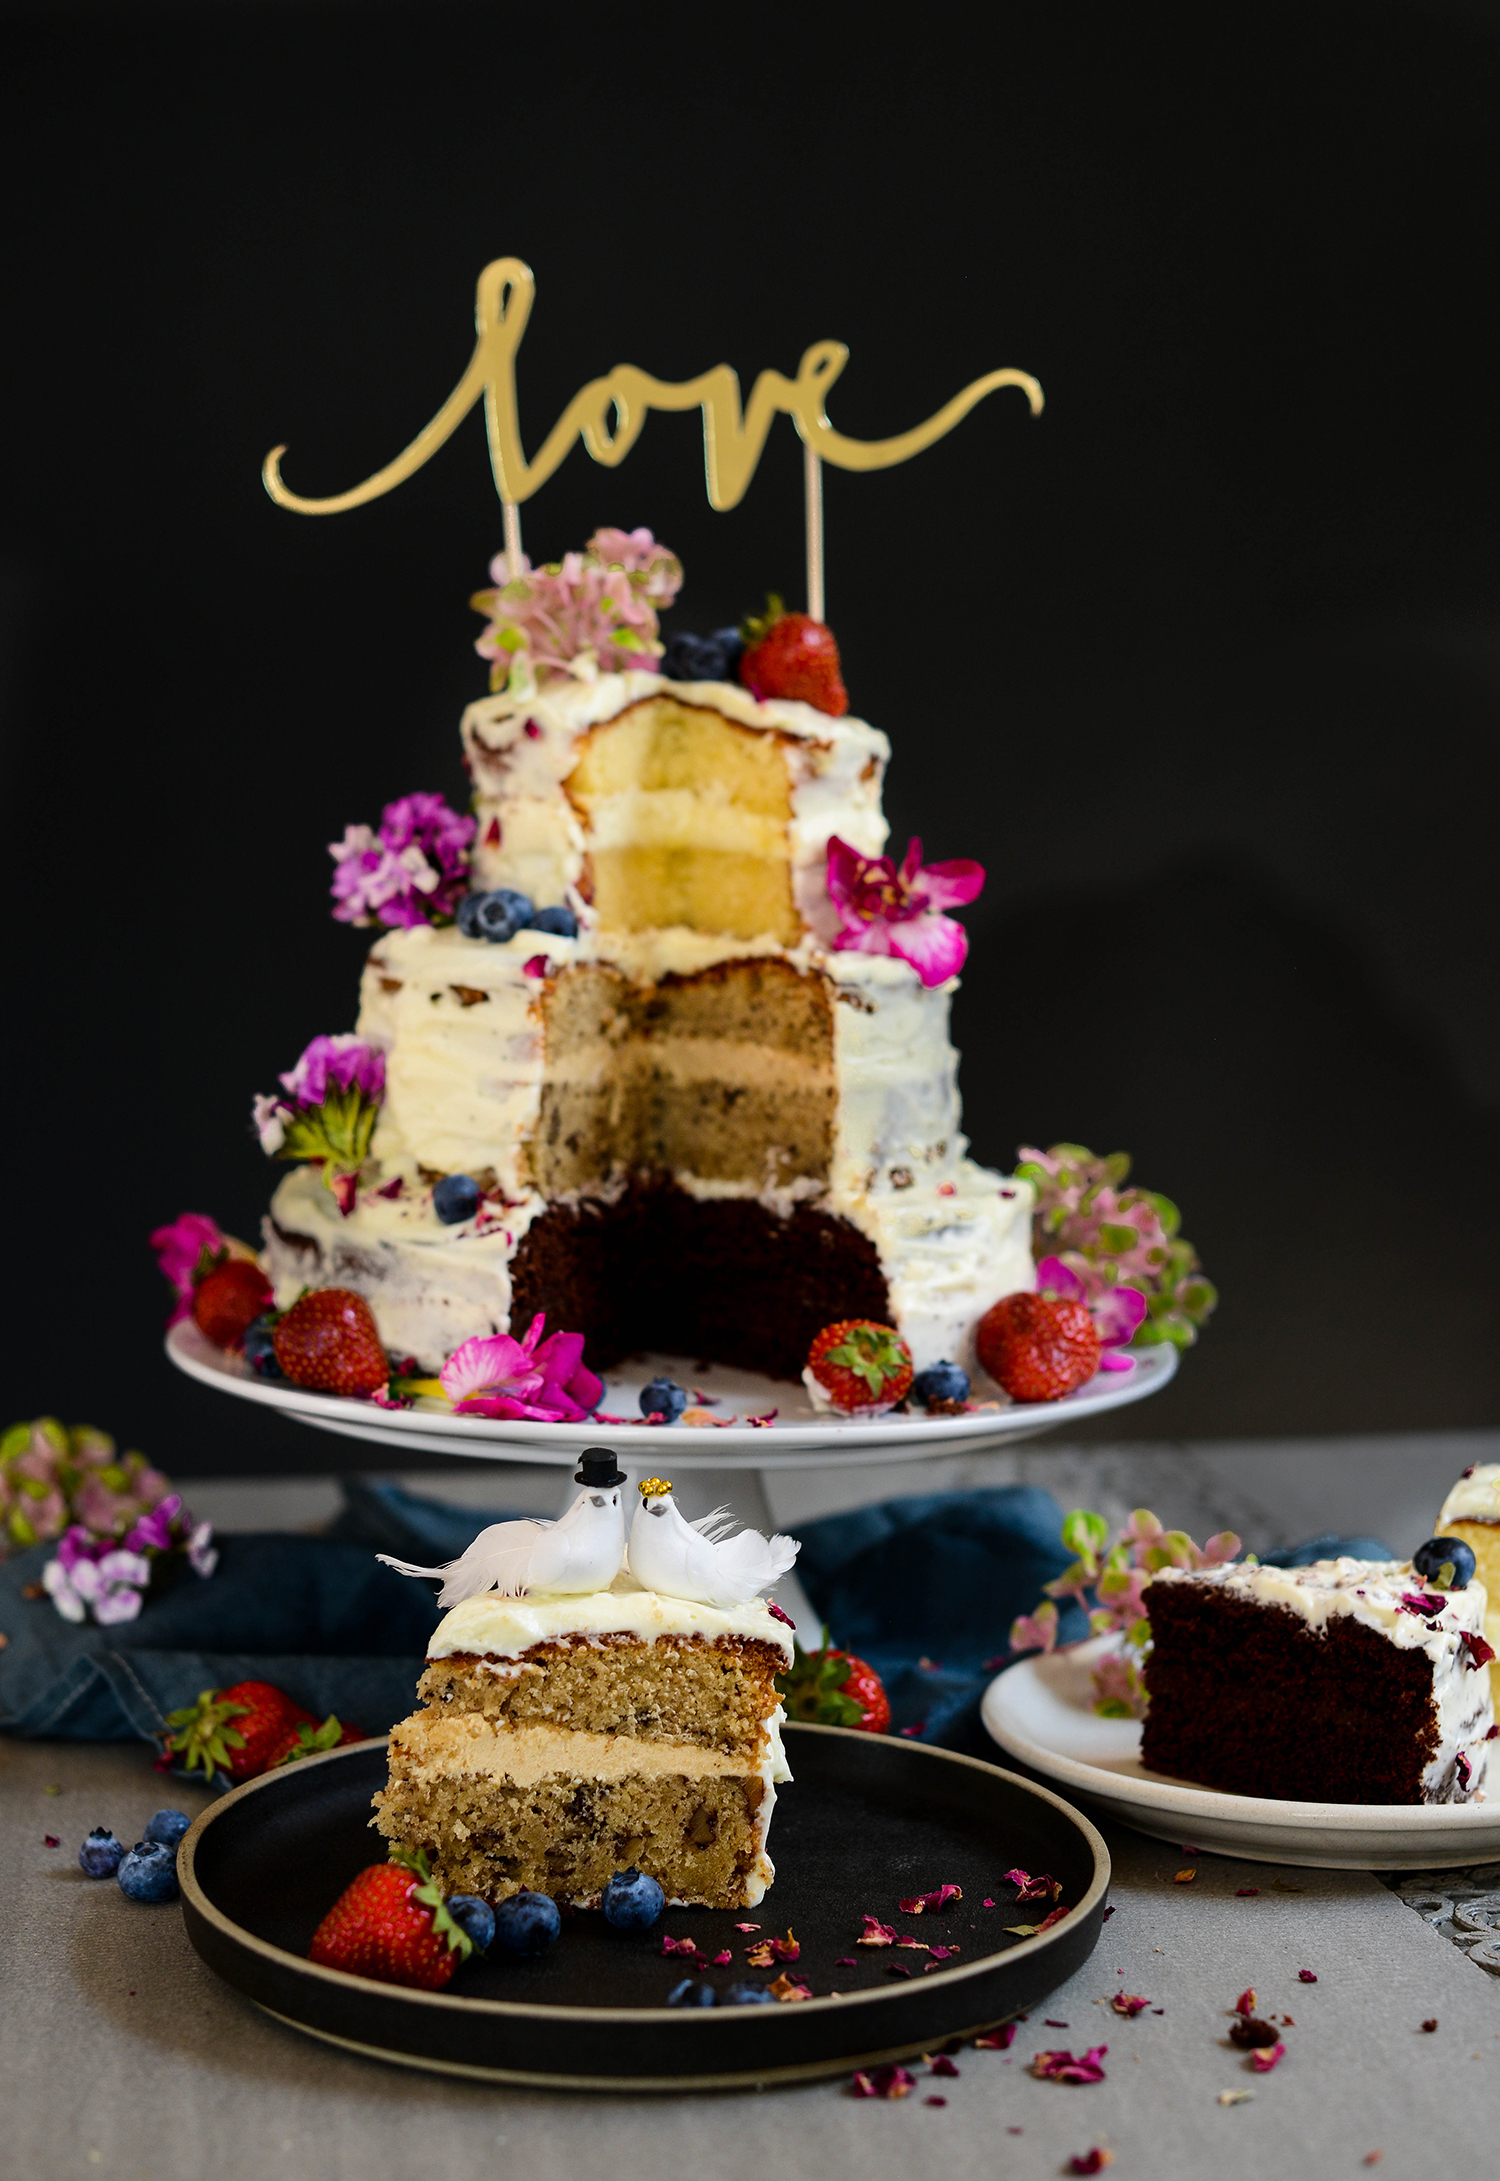 Threelayered Wedding Cake With Mascarpone Frosting - Layered Wedding Cake